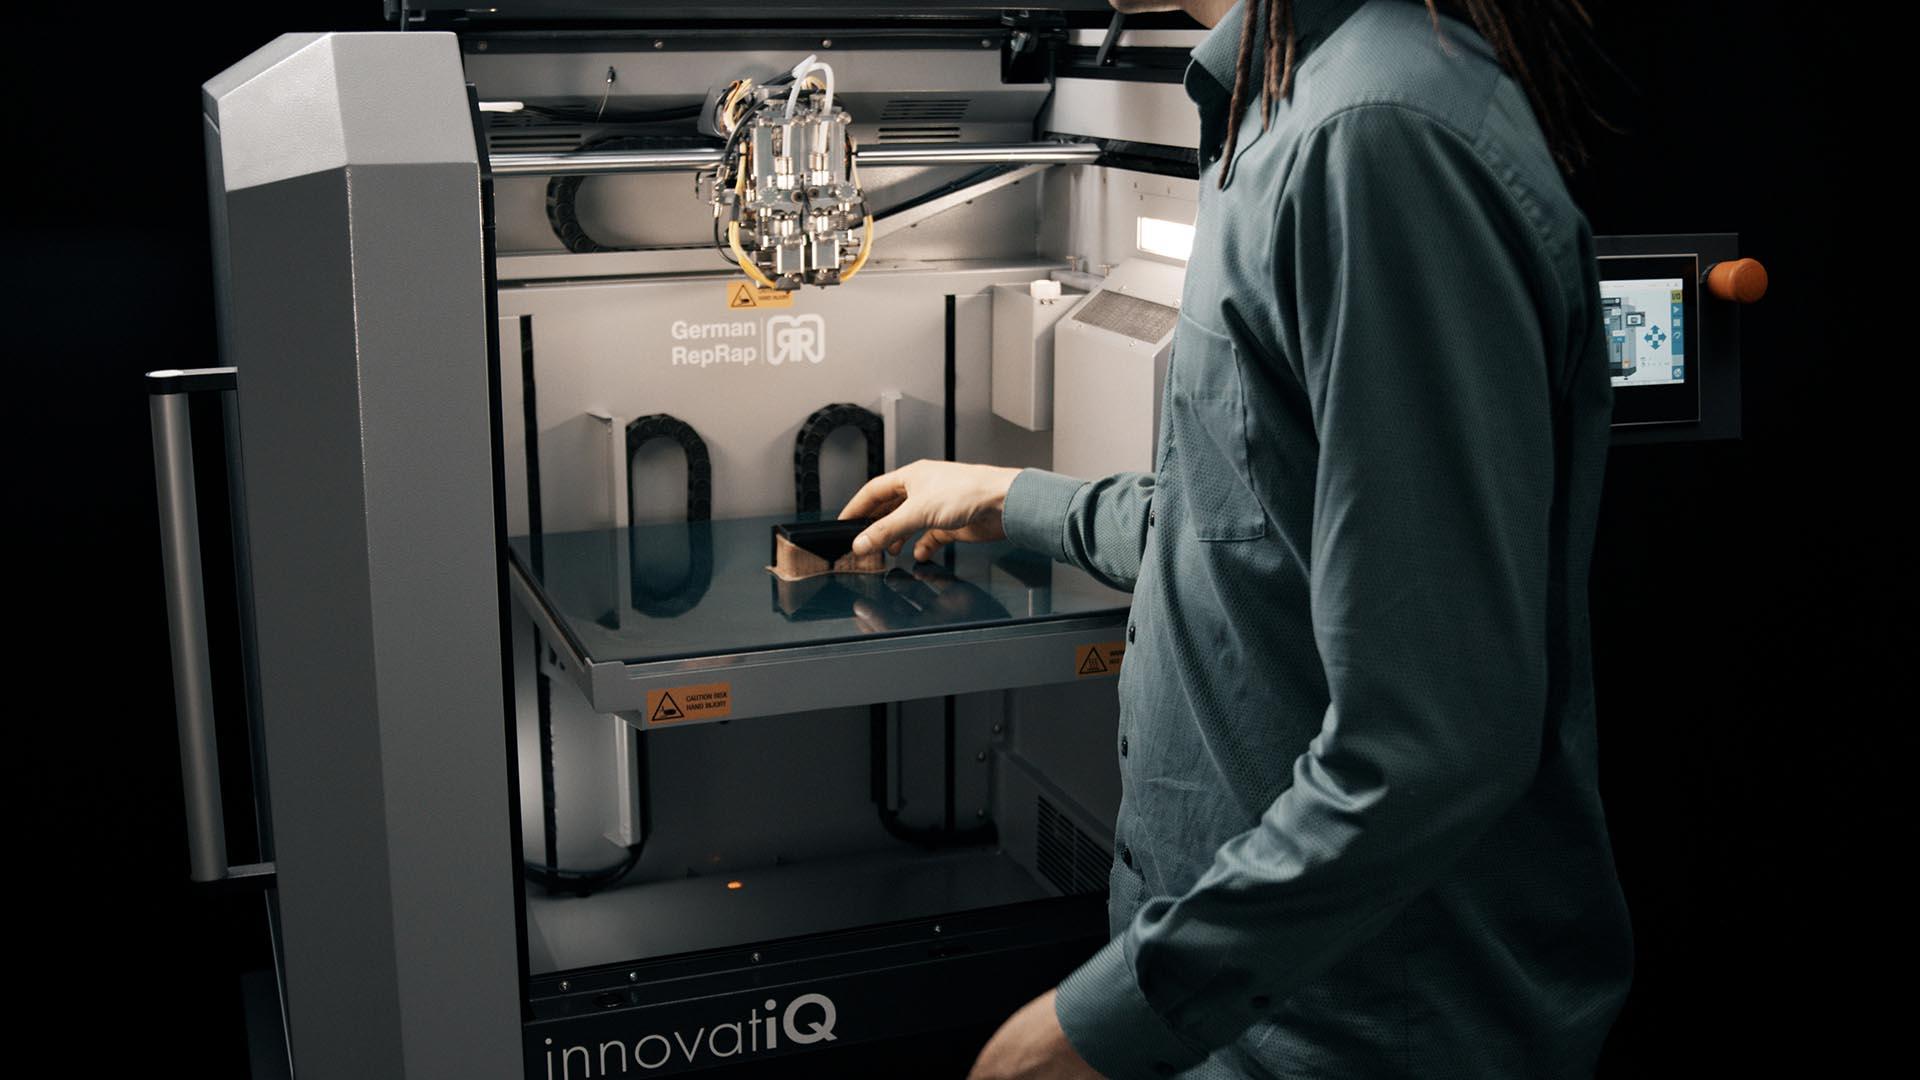 TiQ 5 Entnahme - 3D Drucker von innovatiQ = Germanreprap